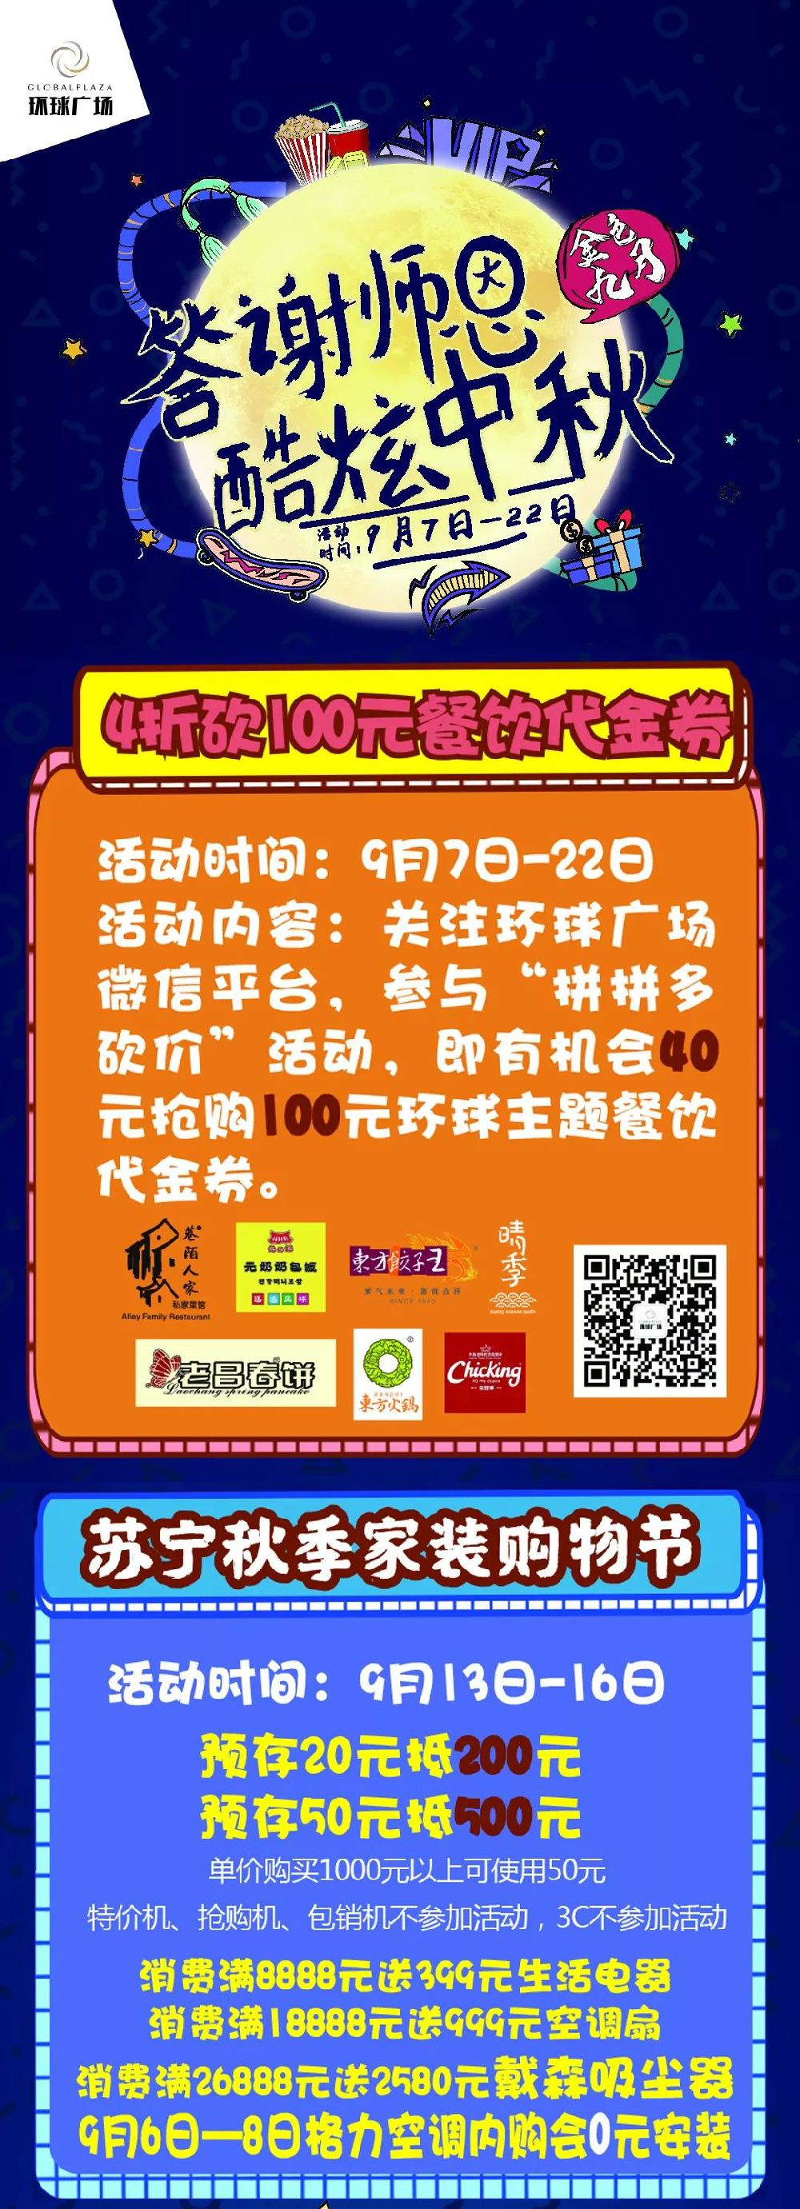 2019长春中秋节环球广场打折优惠活动